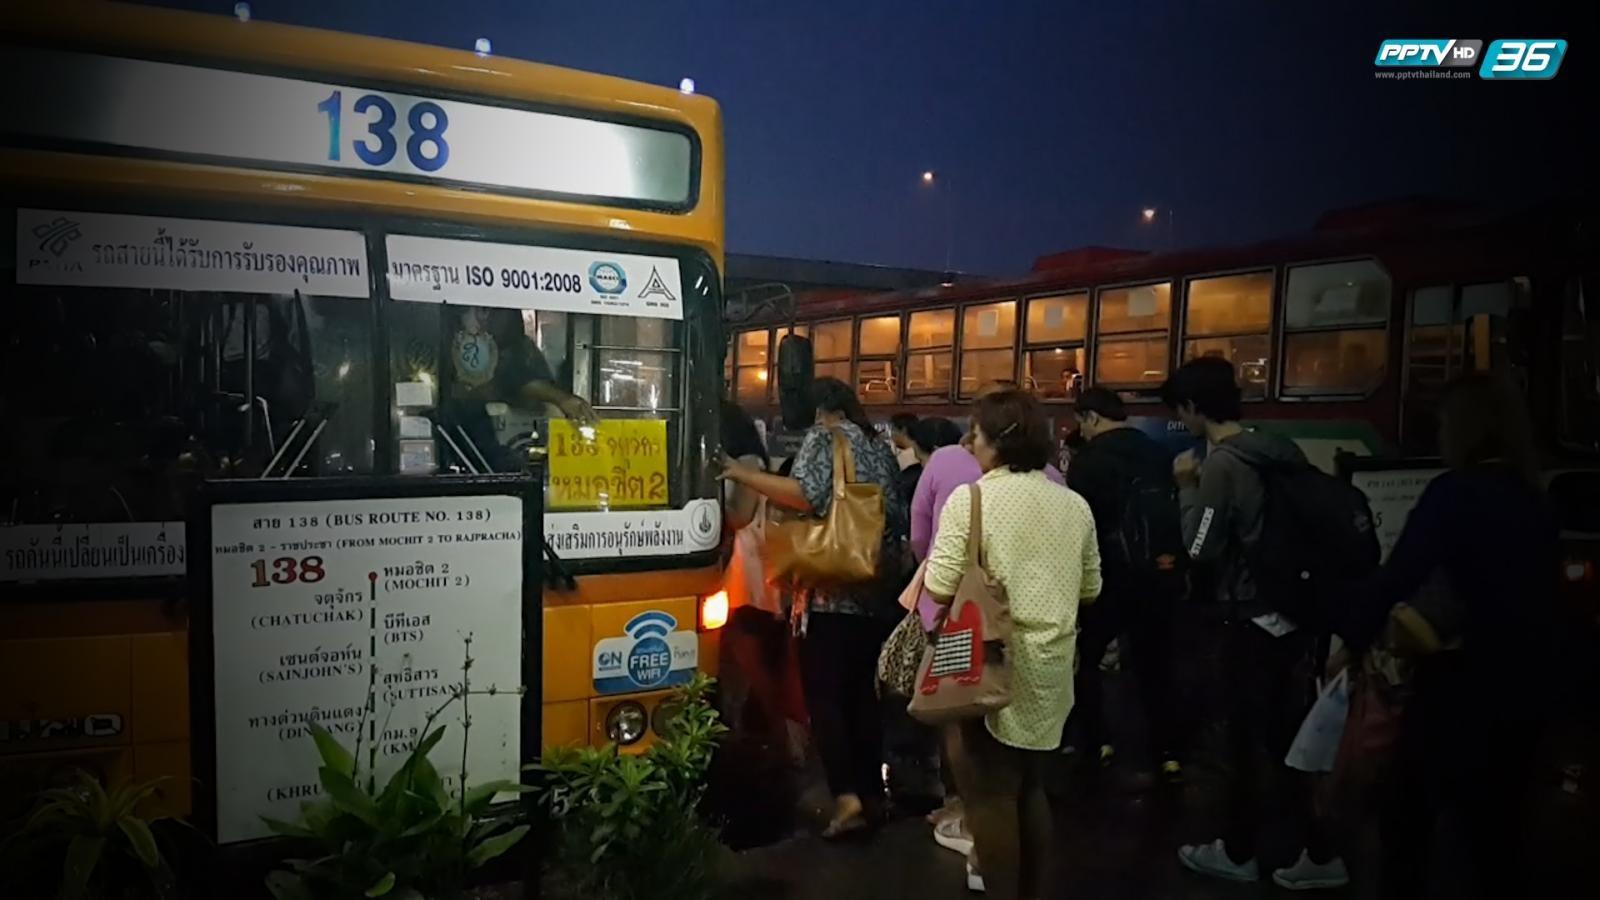 """เจาะปัญหารถเมล์138 """"ขาดระยะ-คนแน่น"""" ผู้โดยสารไม่ทน ! ตั้งกลุ่มไลน์หาเพื่อนหารค่าแท็กซี่(คลิป)"""